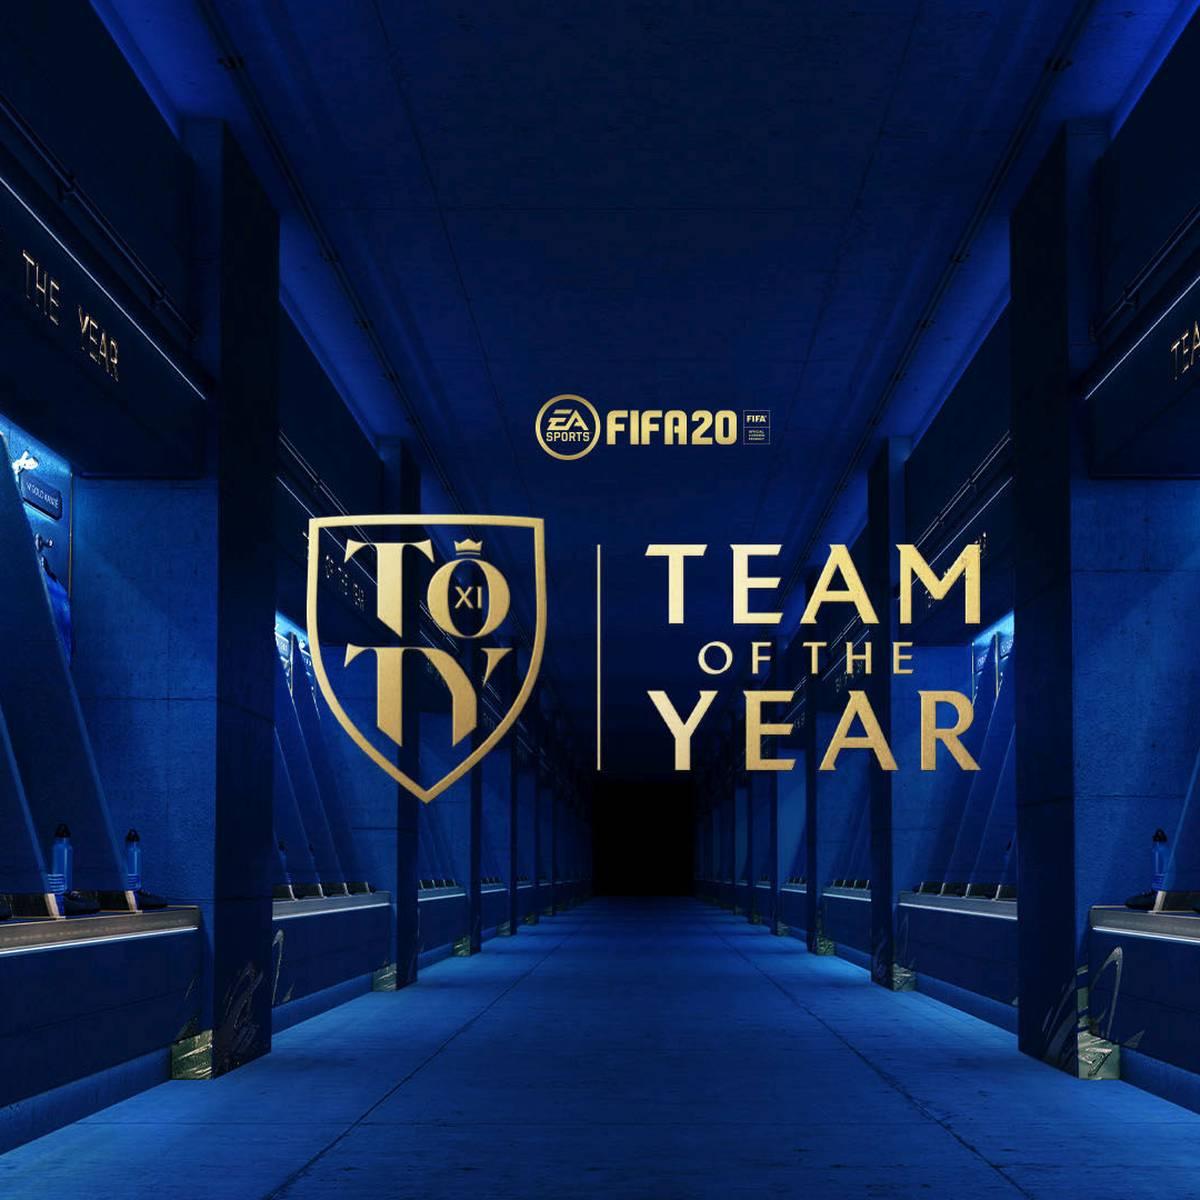 Die Nominierten des FIFA 20 TOTY